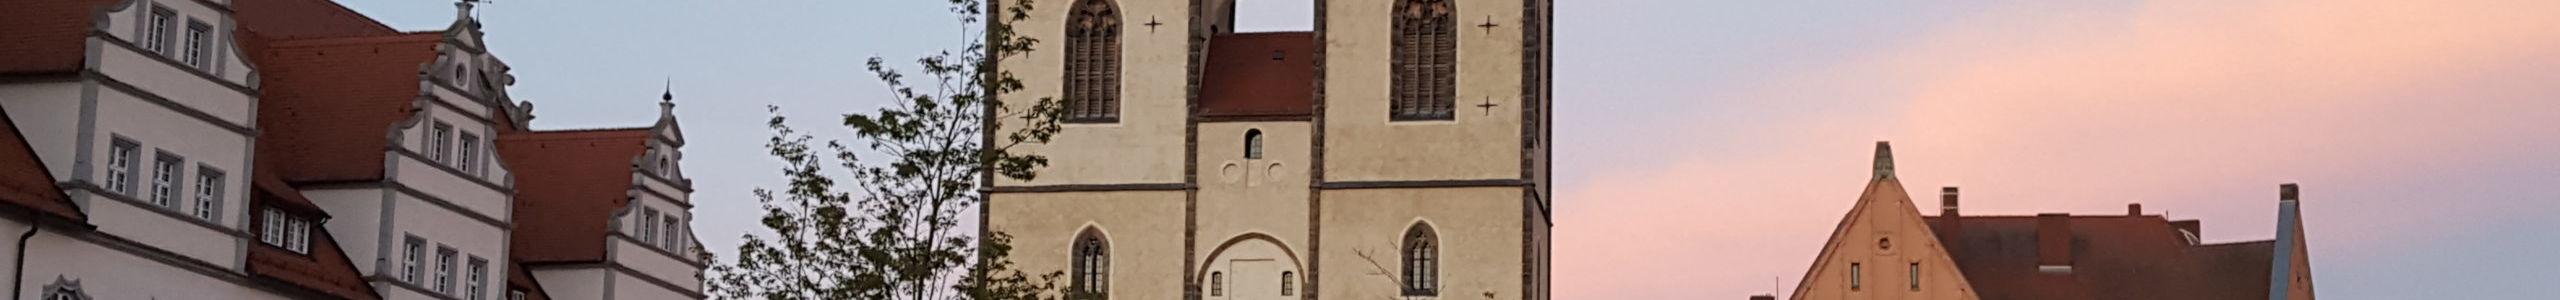 Stadtkirche St. Marien am Abend